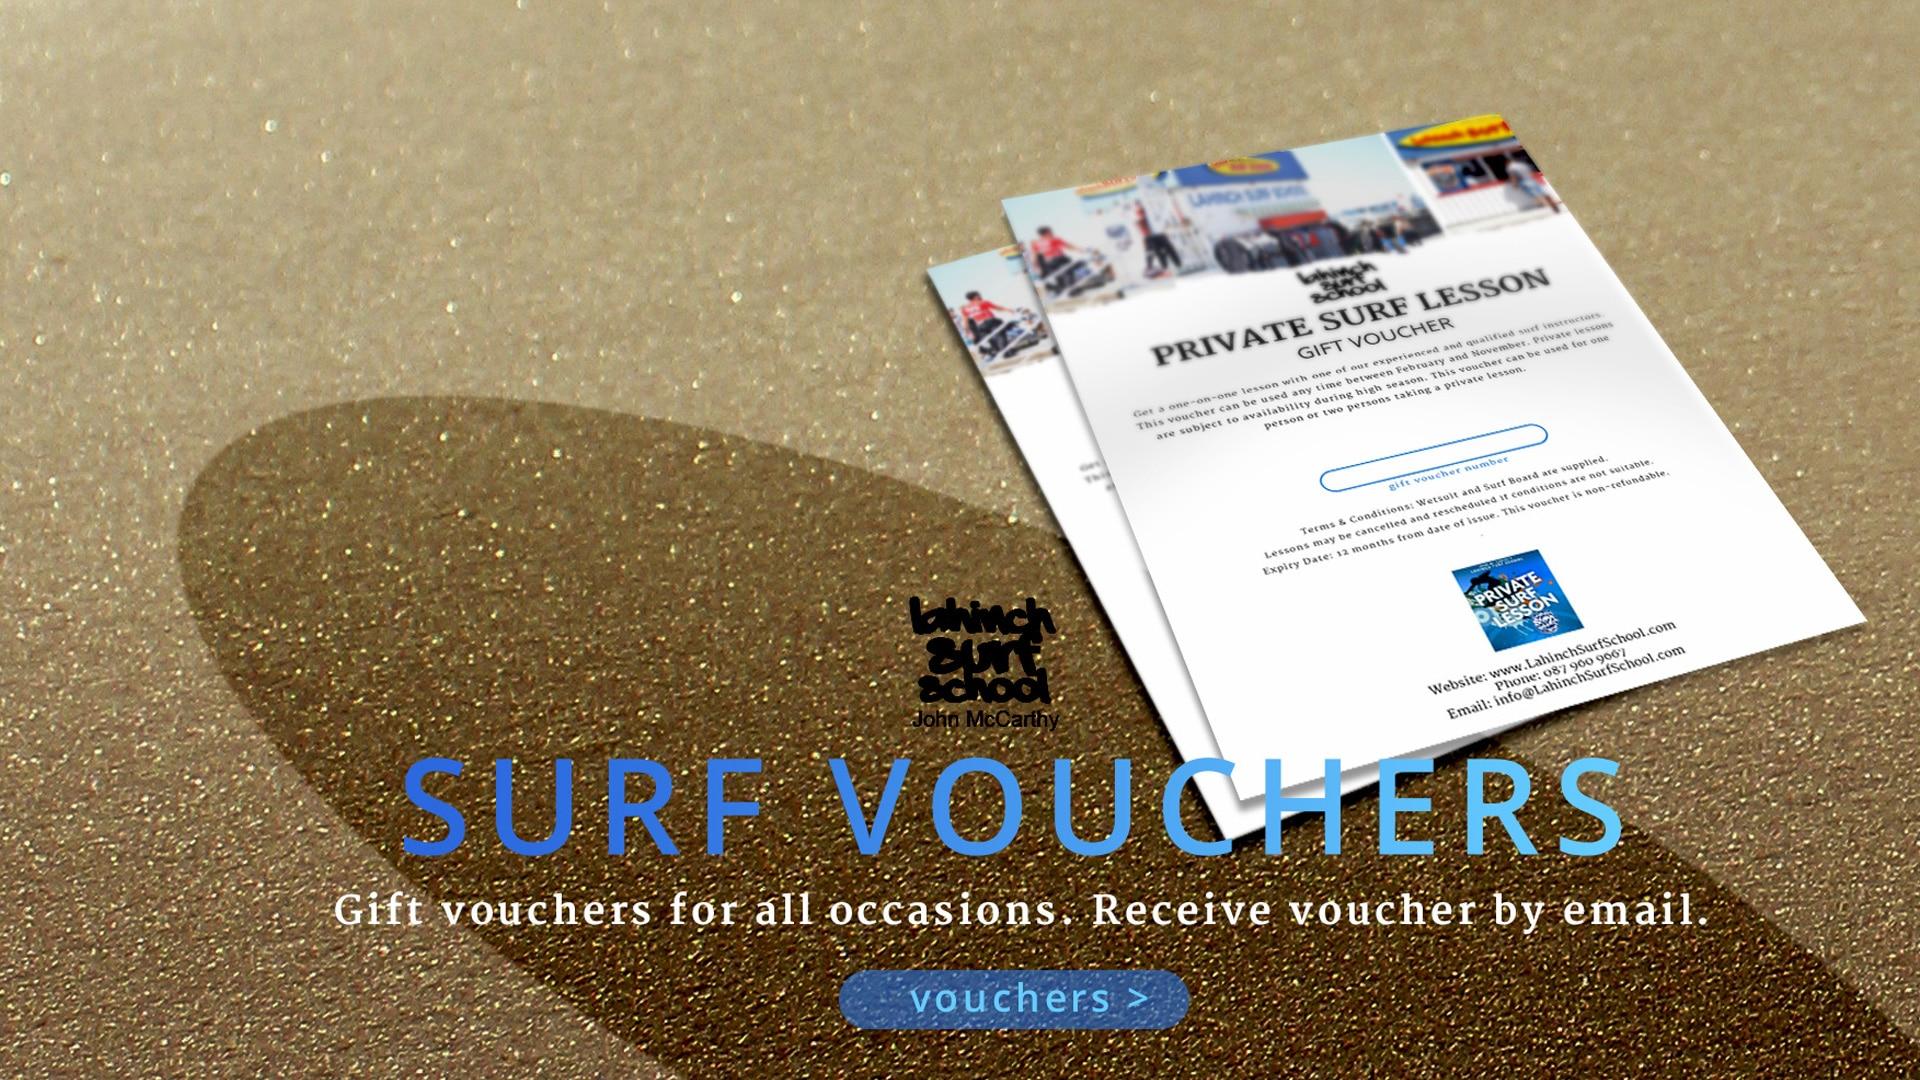 surf-voucher-email